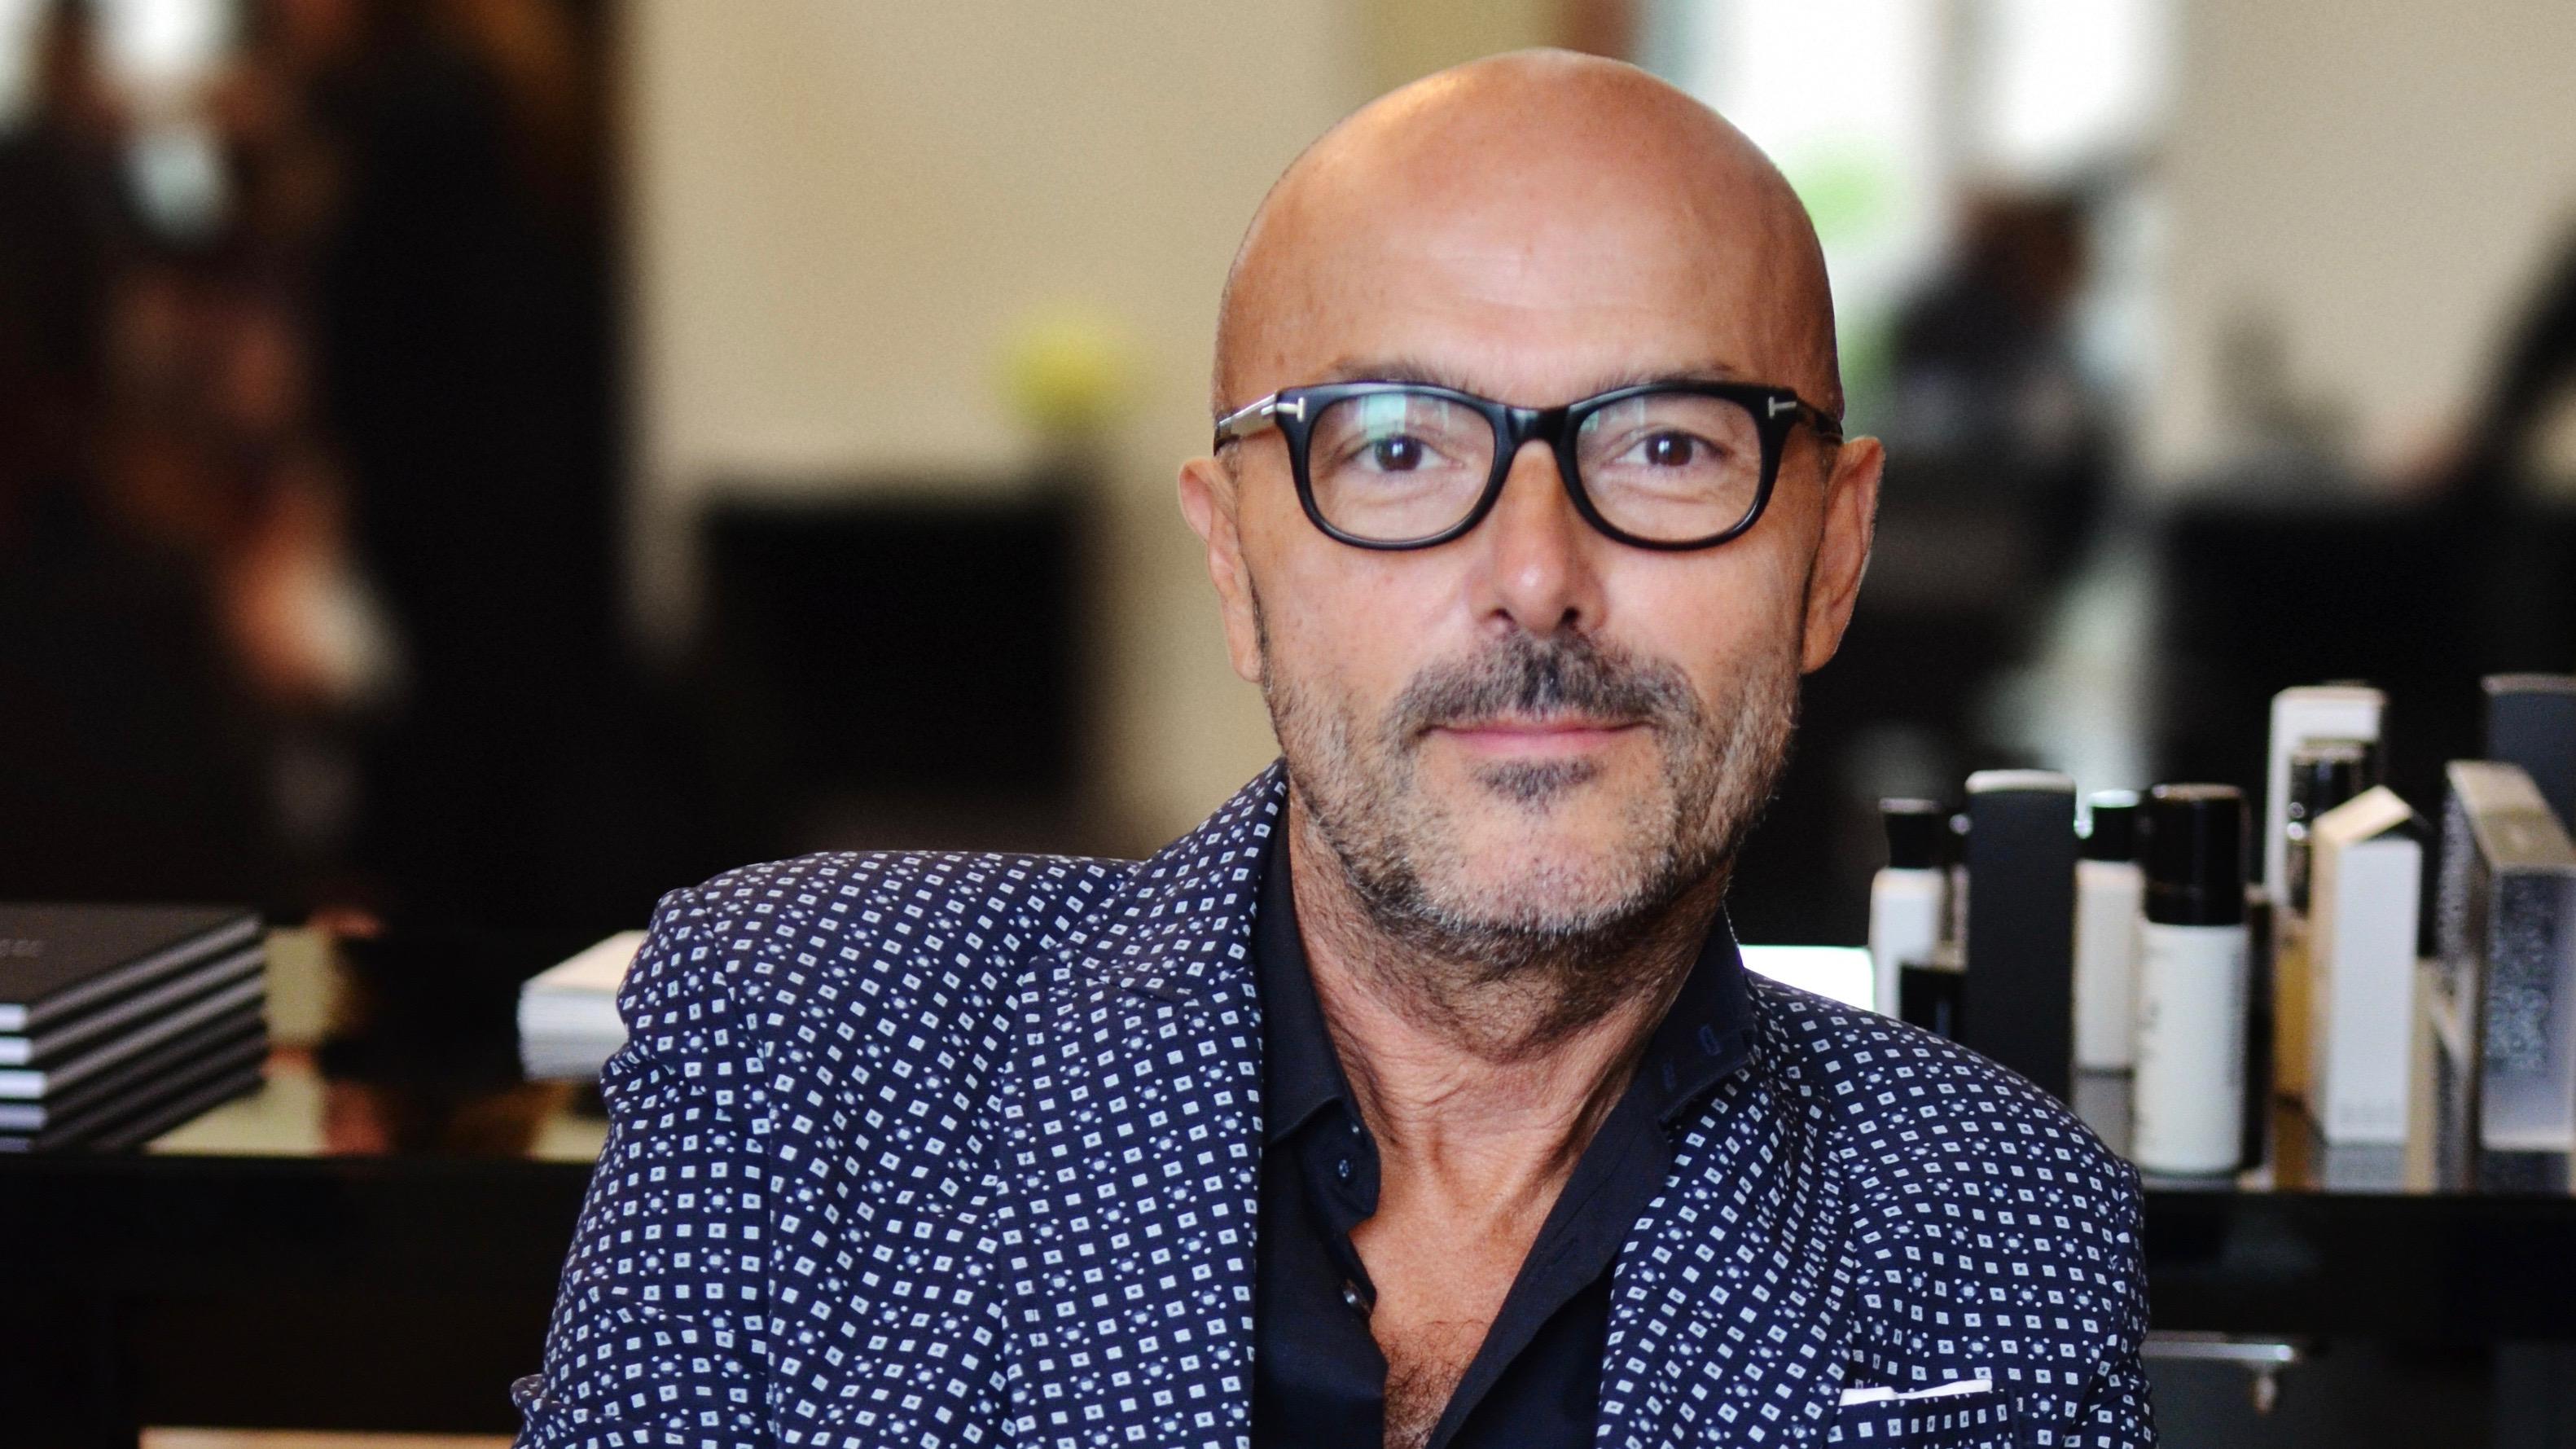 Rossano Ferretti Happy Hair Muse